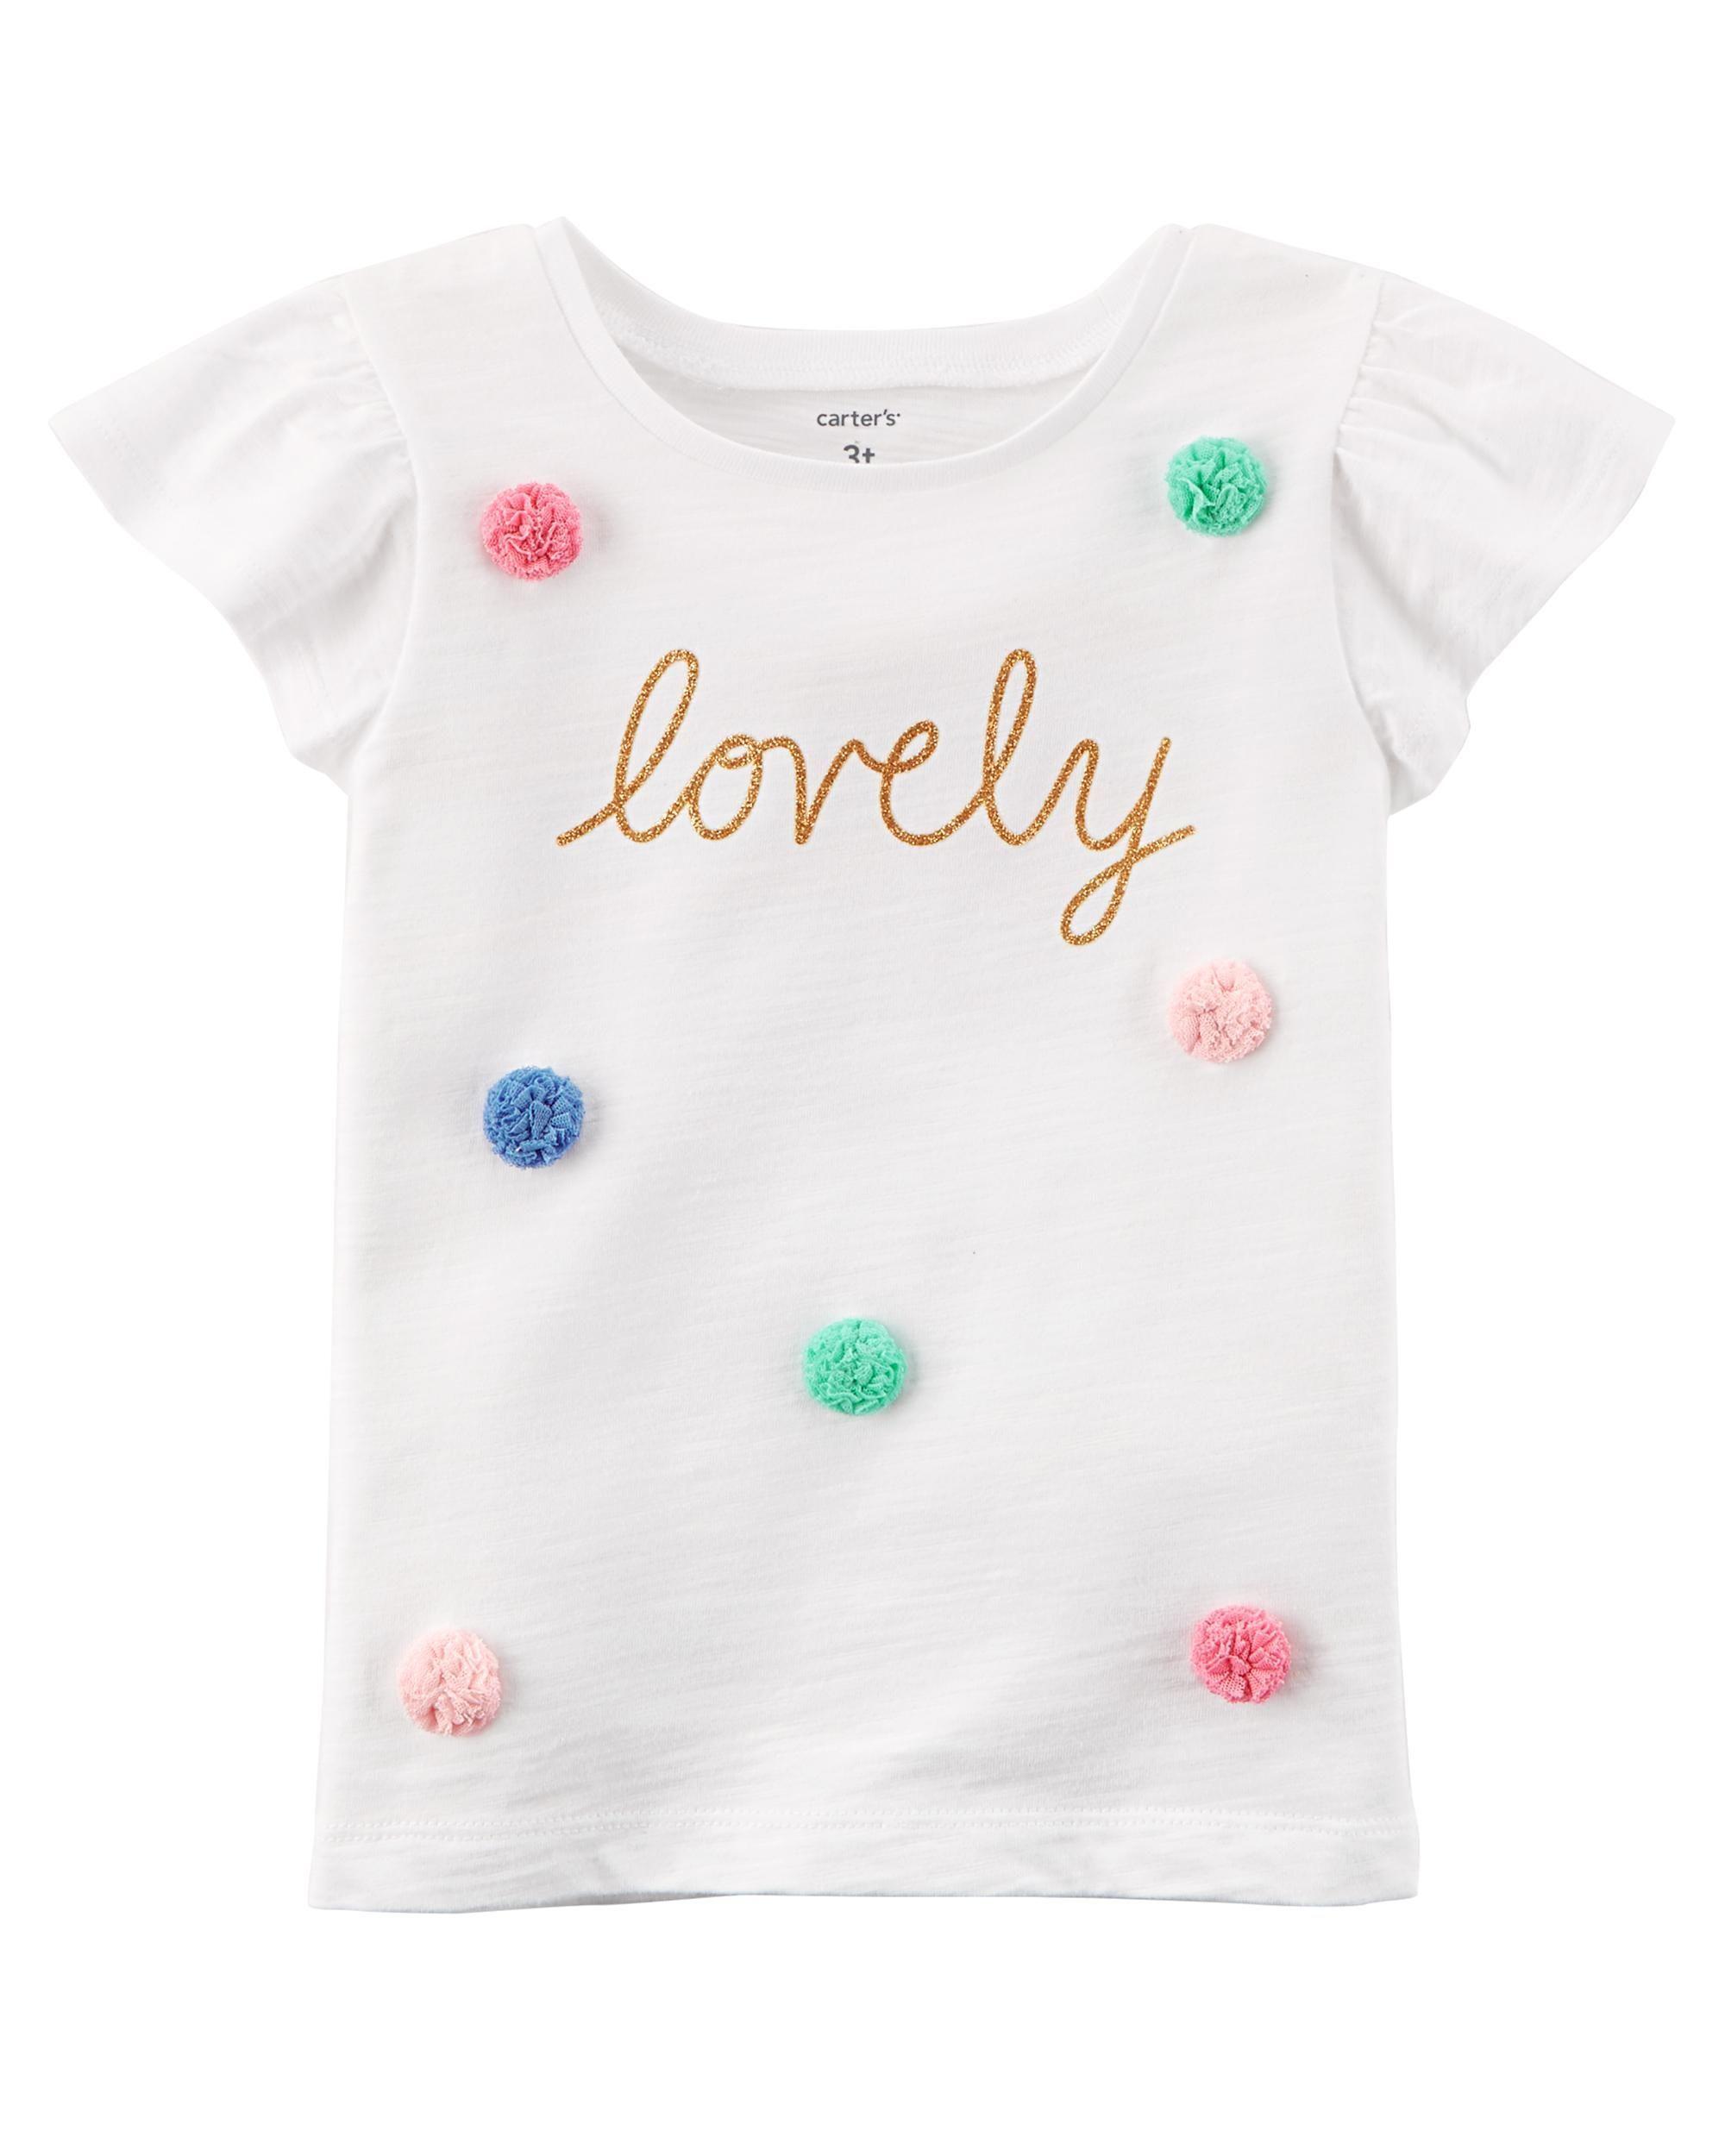 Lovely Flutter Tee Ropa Para Niñas Ropa Infantil Para Niña Ropa De Niña